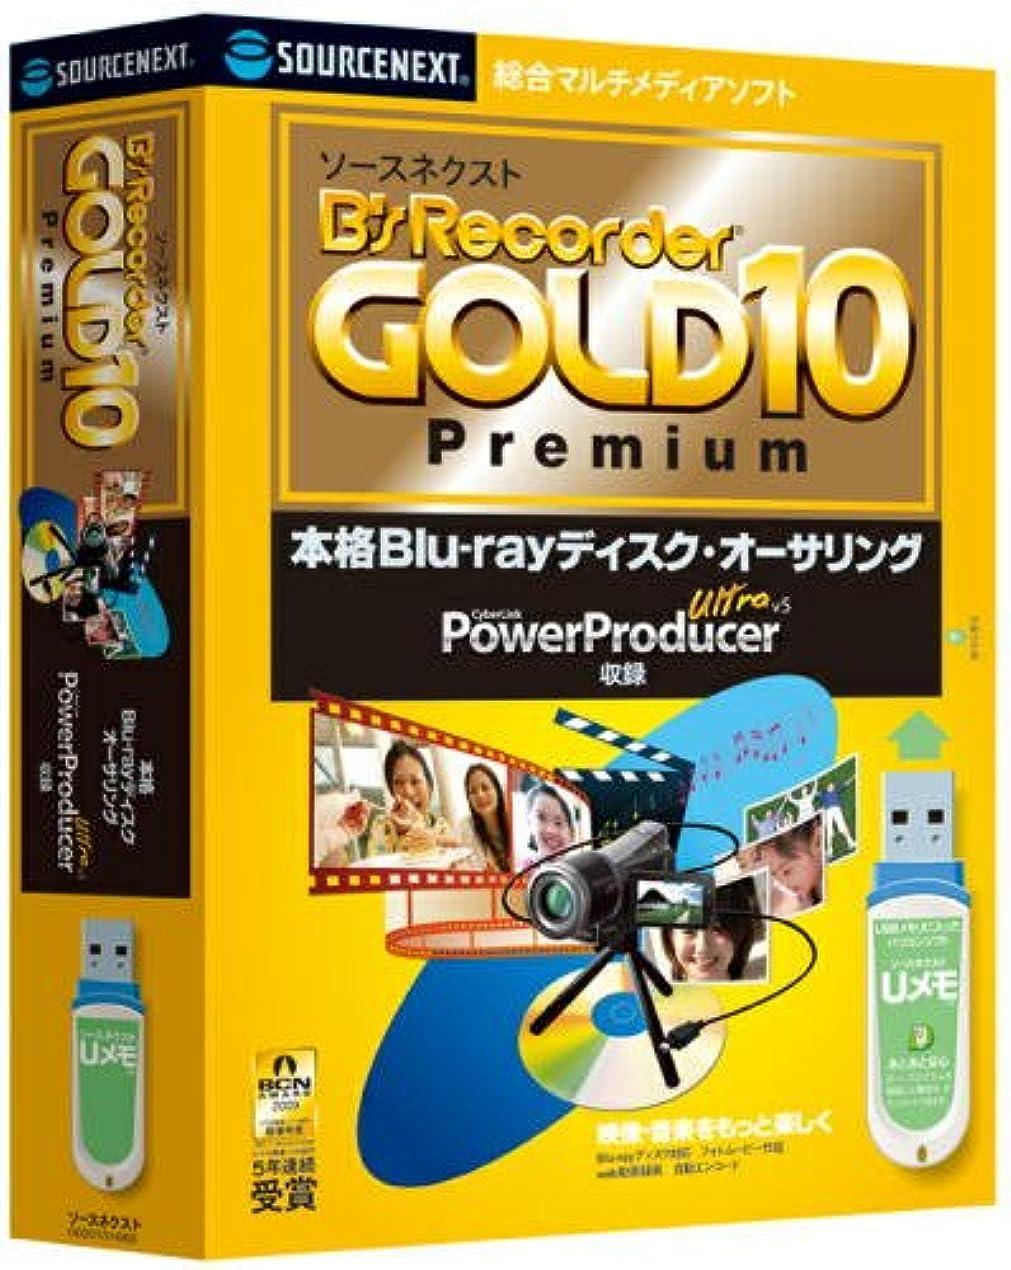 前文慈悲セクションソースネクスト B's Recorder GOLD10 Premium (Uメモ)